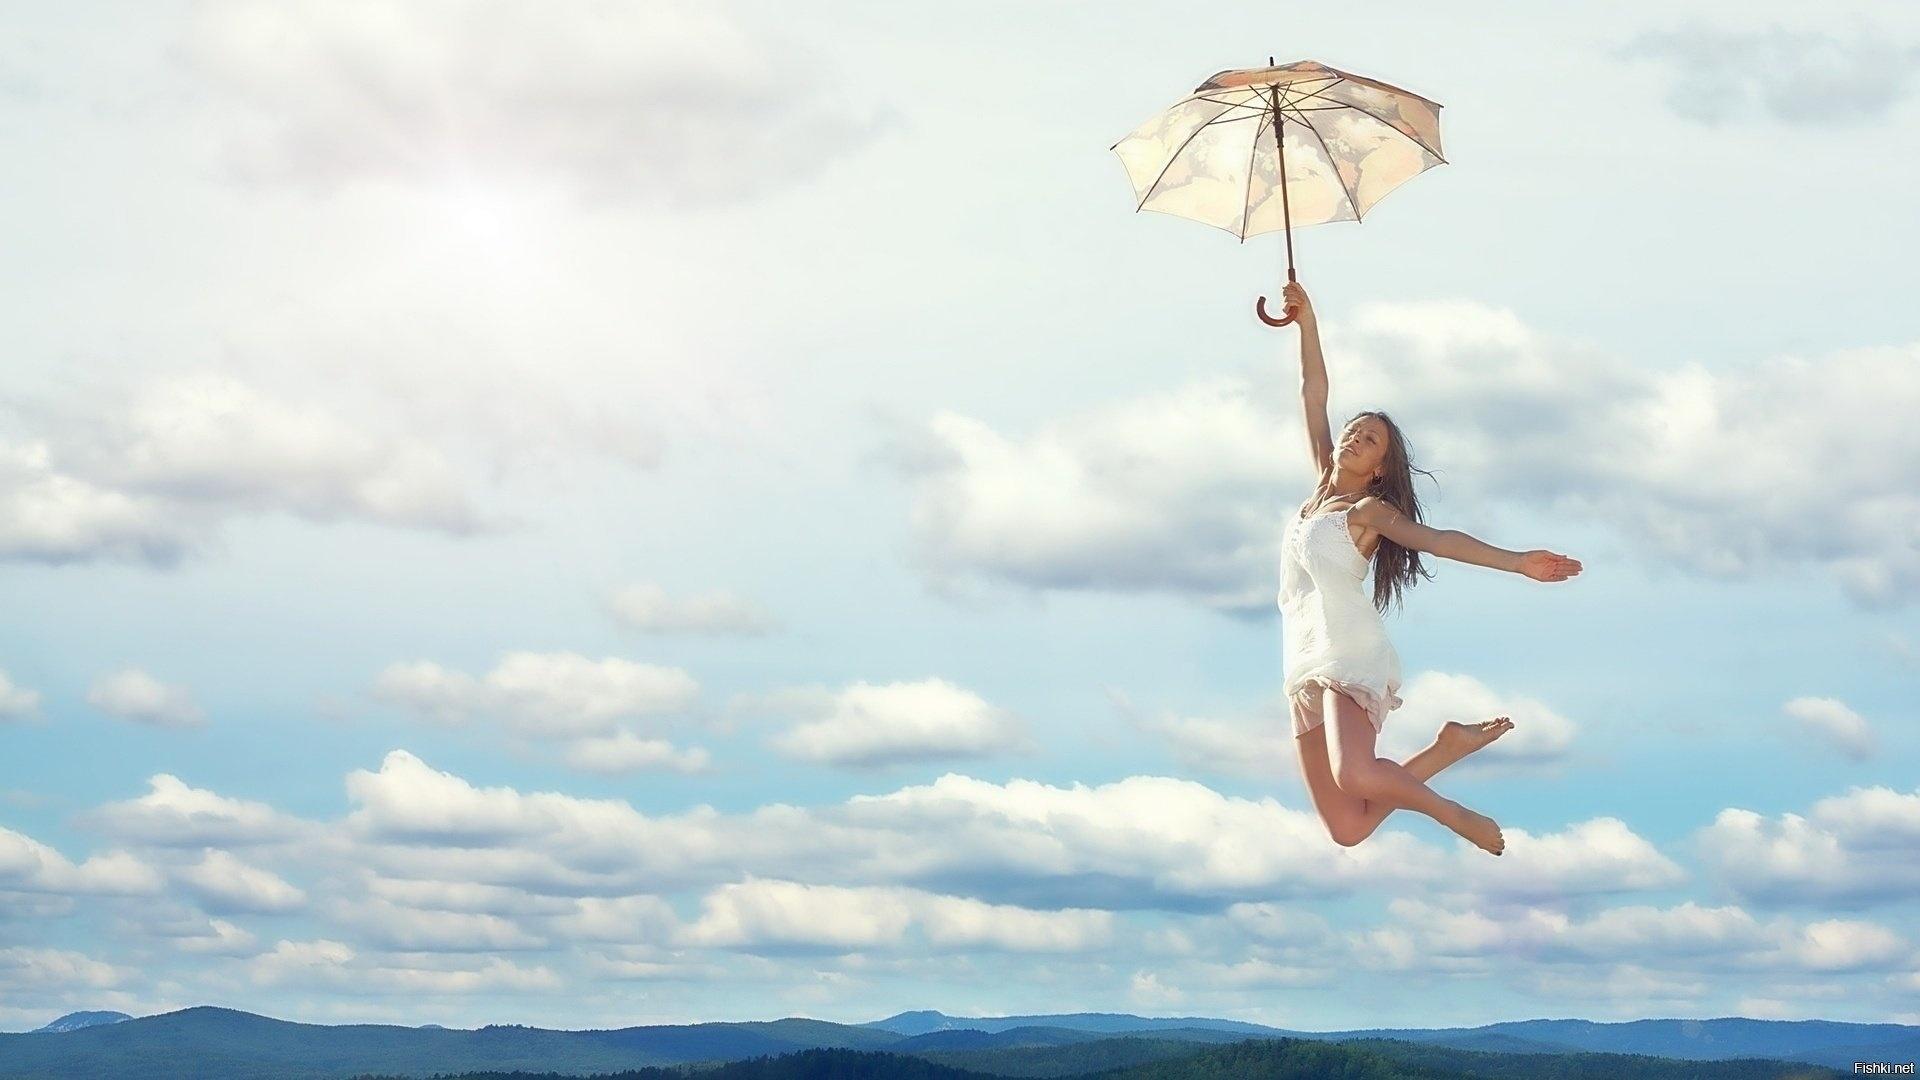 Flying Girl Pic